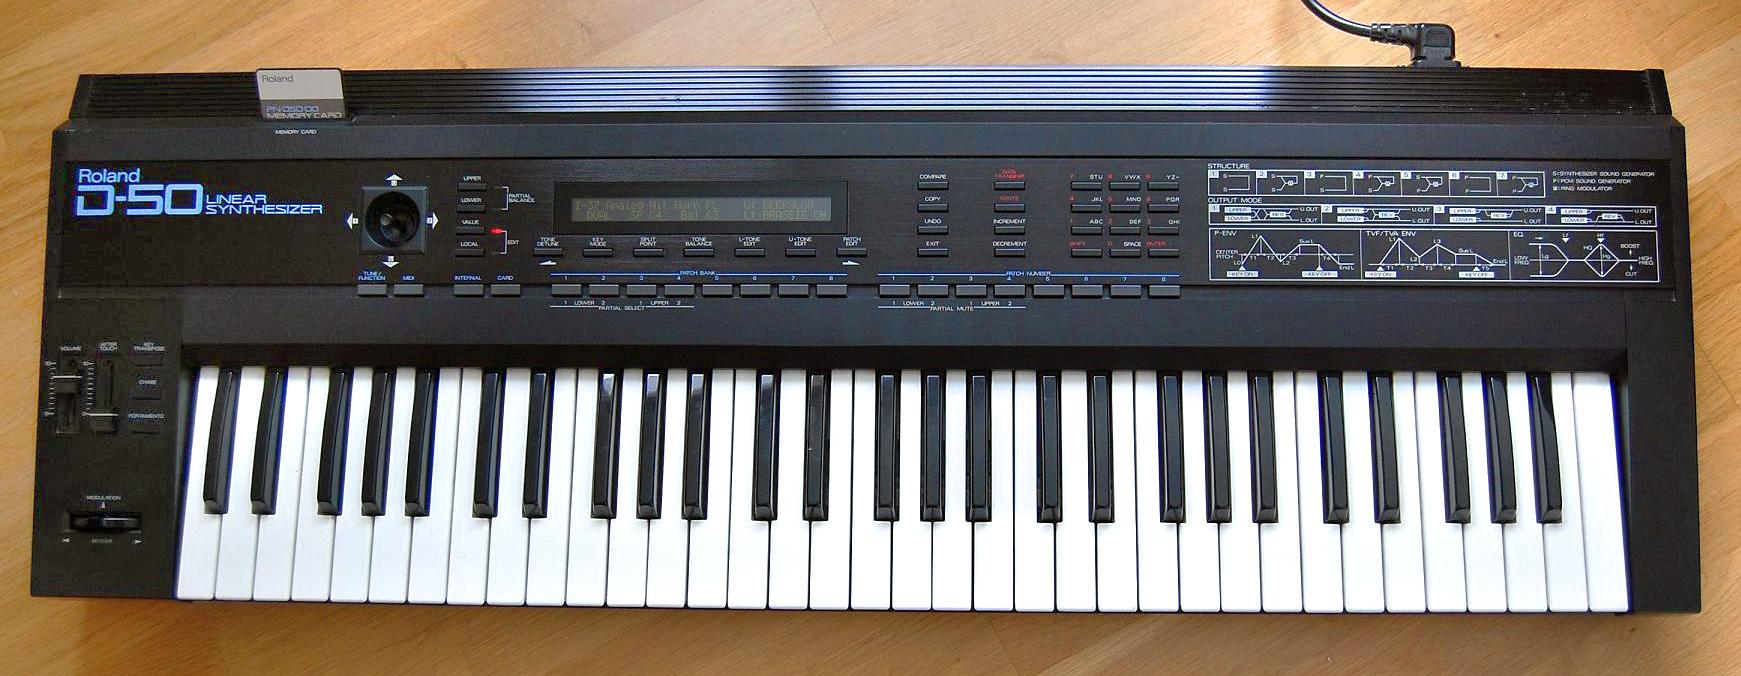 Roland D-50 - Wikipedia